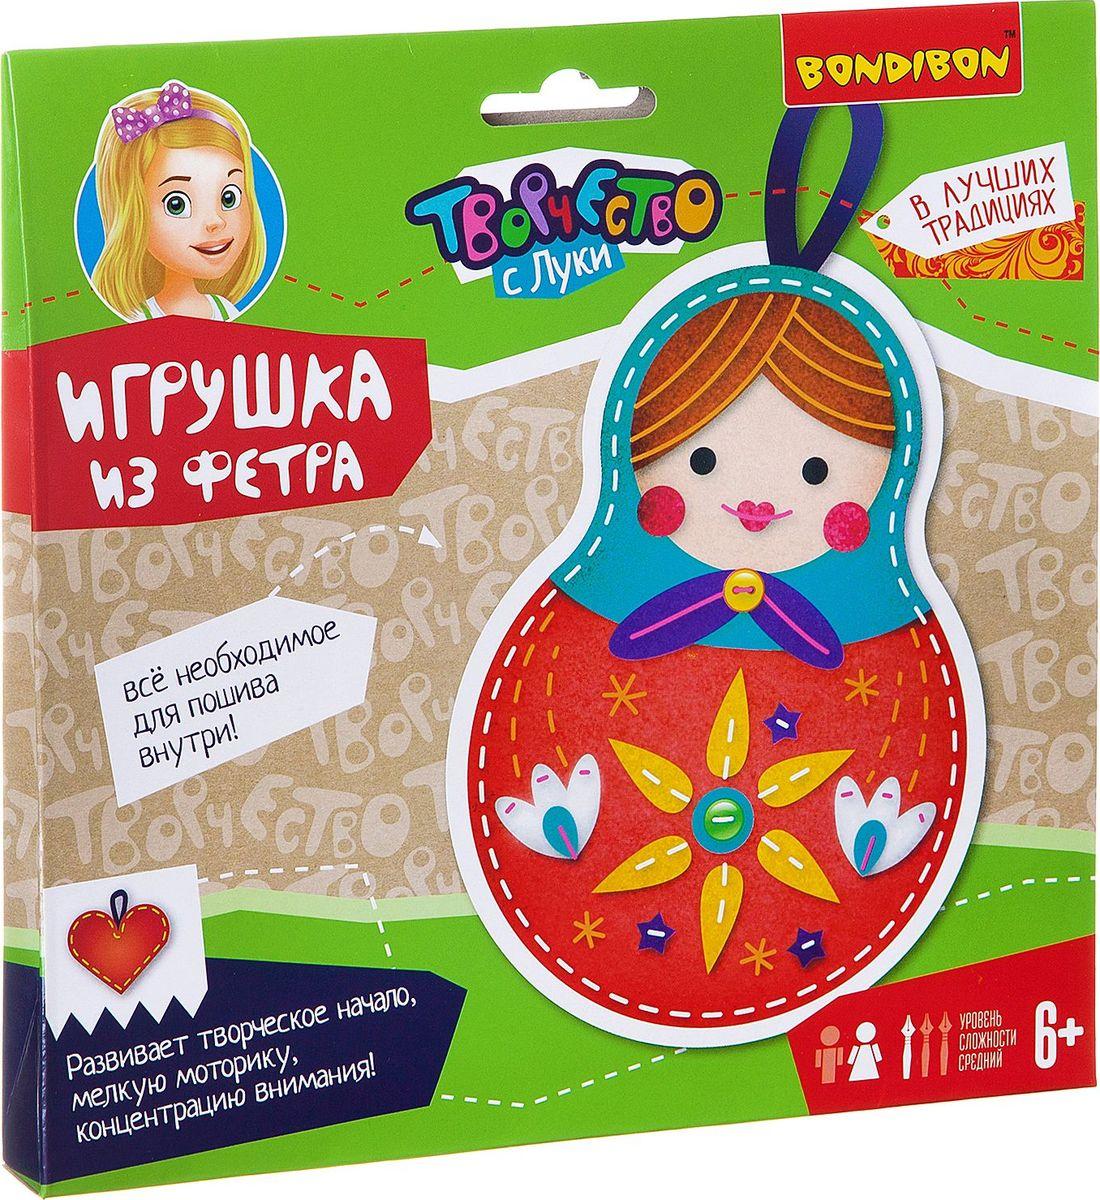 Bondibon Набор для шитья Игрушка из фетра Матрешка В лучших традициях набор для творчества bondibon игрушка из фетра матрешка разноцветный